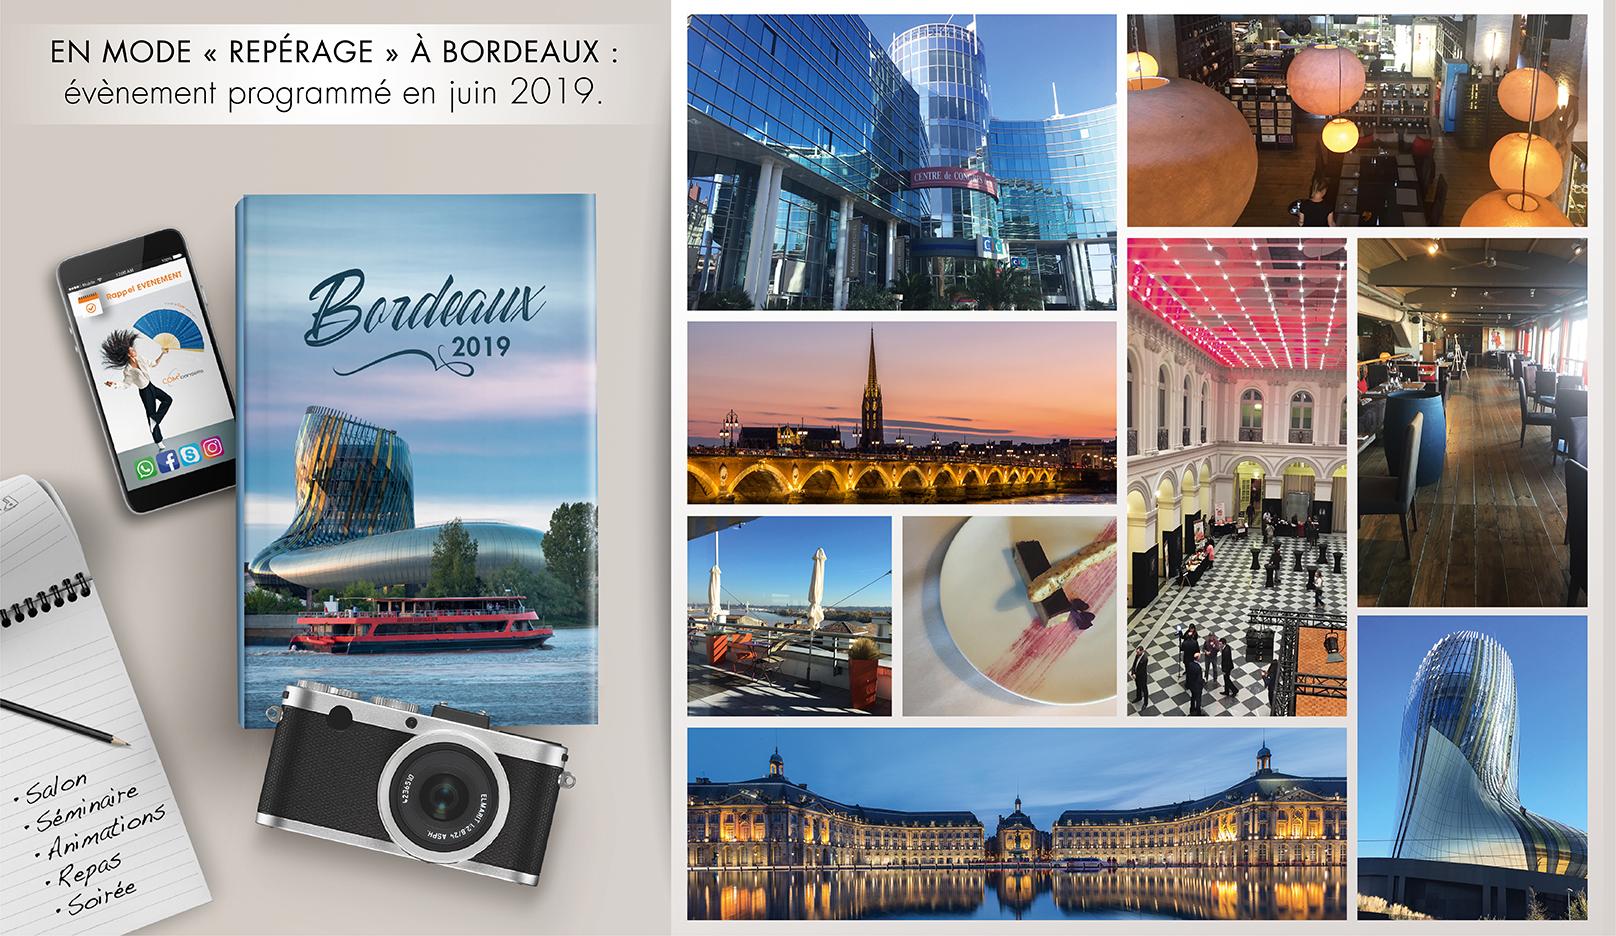 Bordeaux-reperage-diapositive